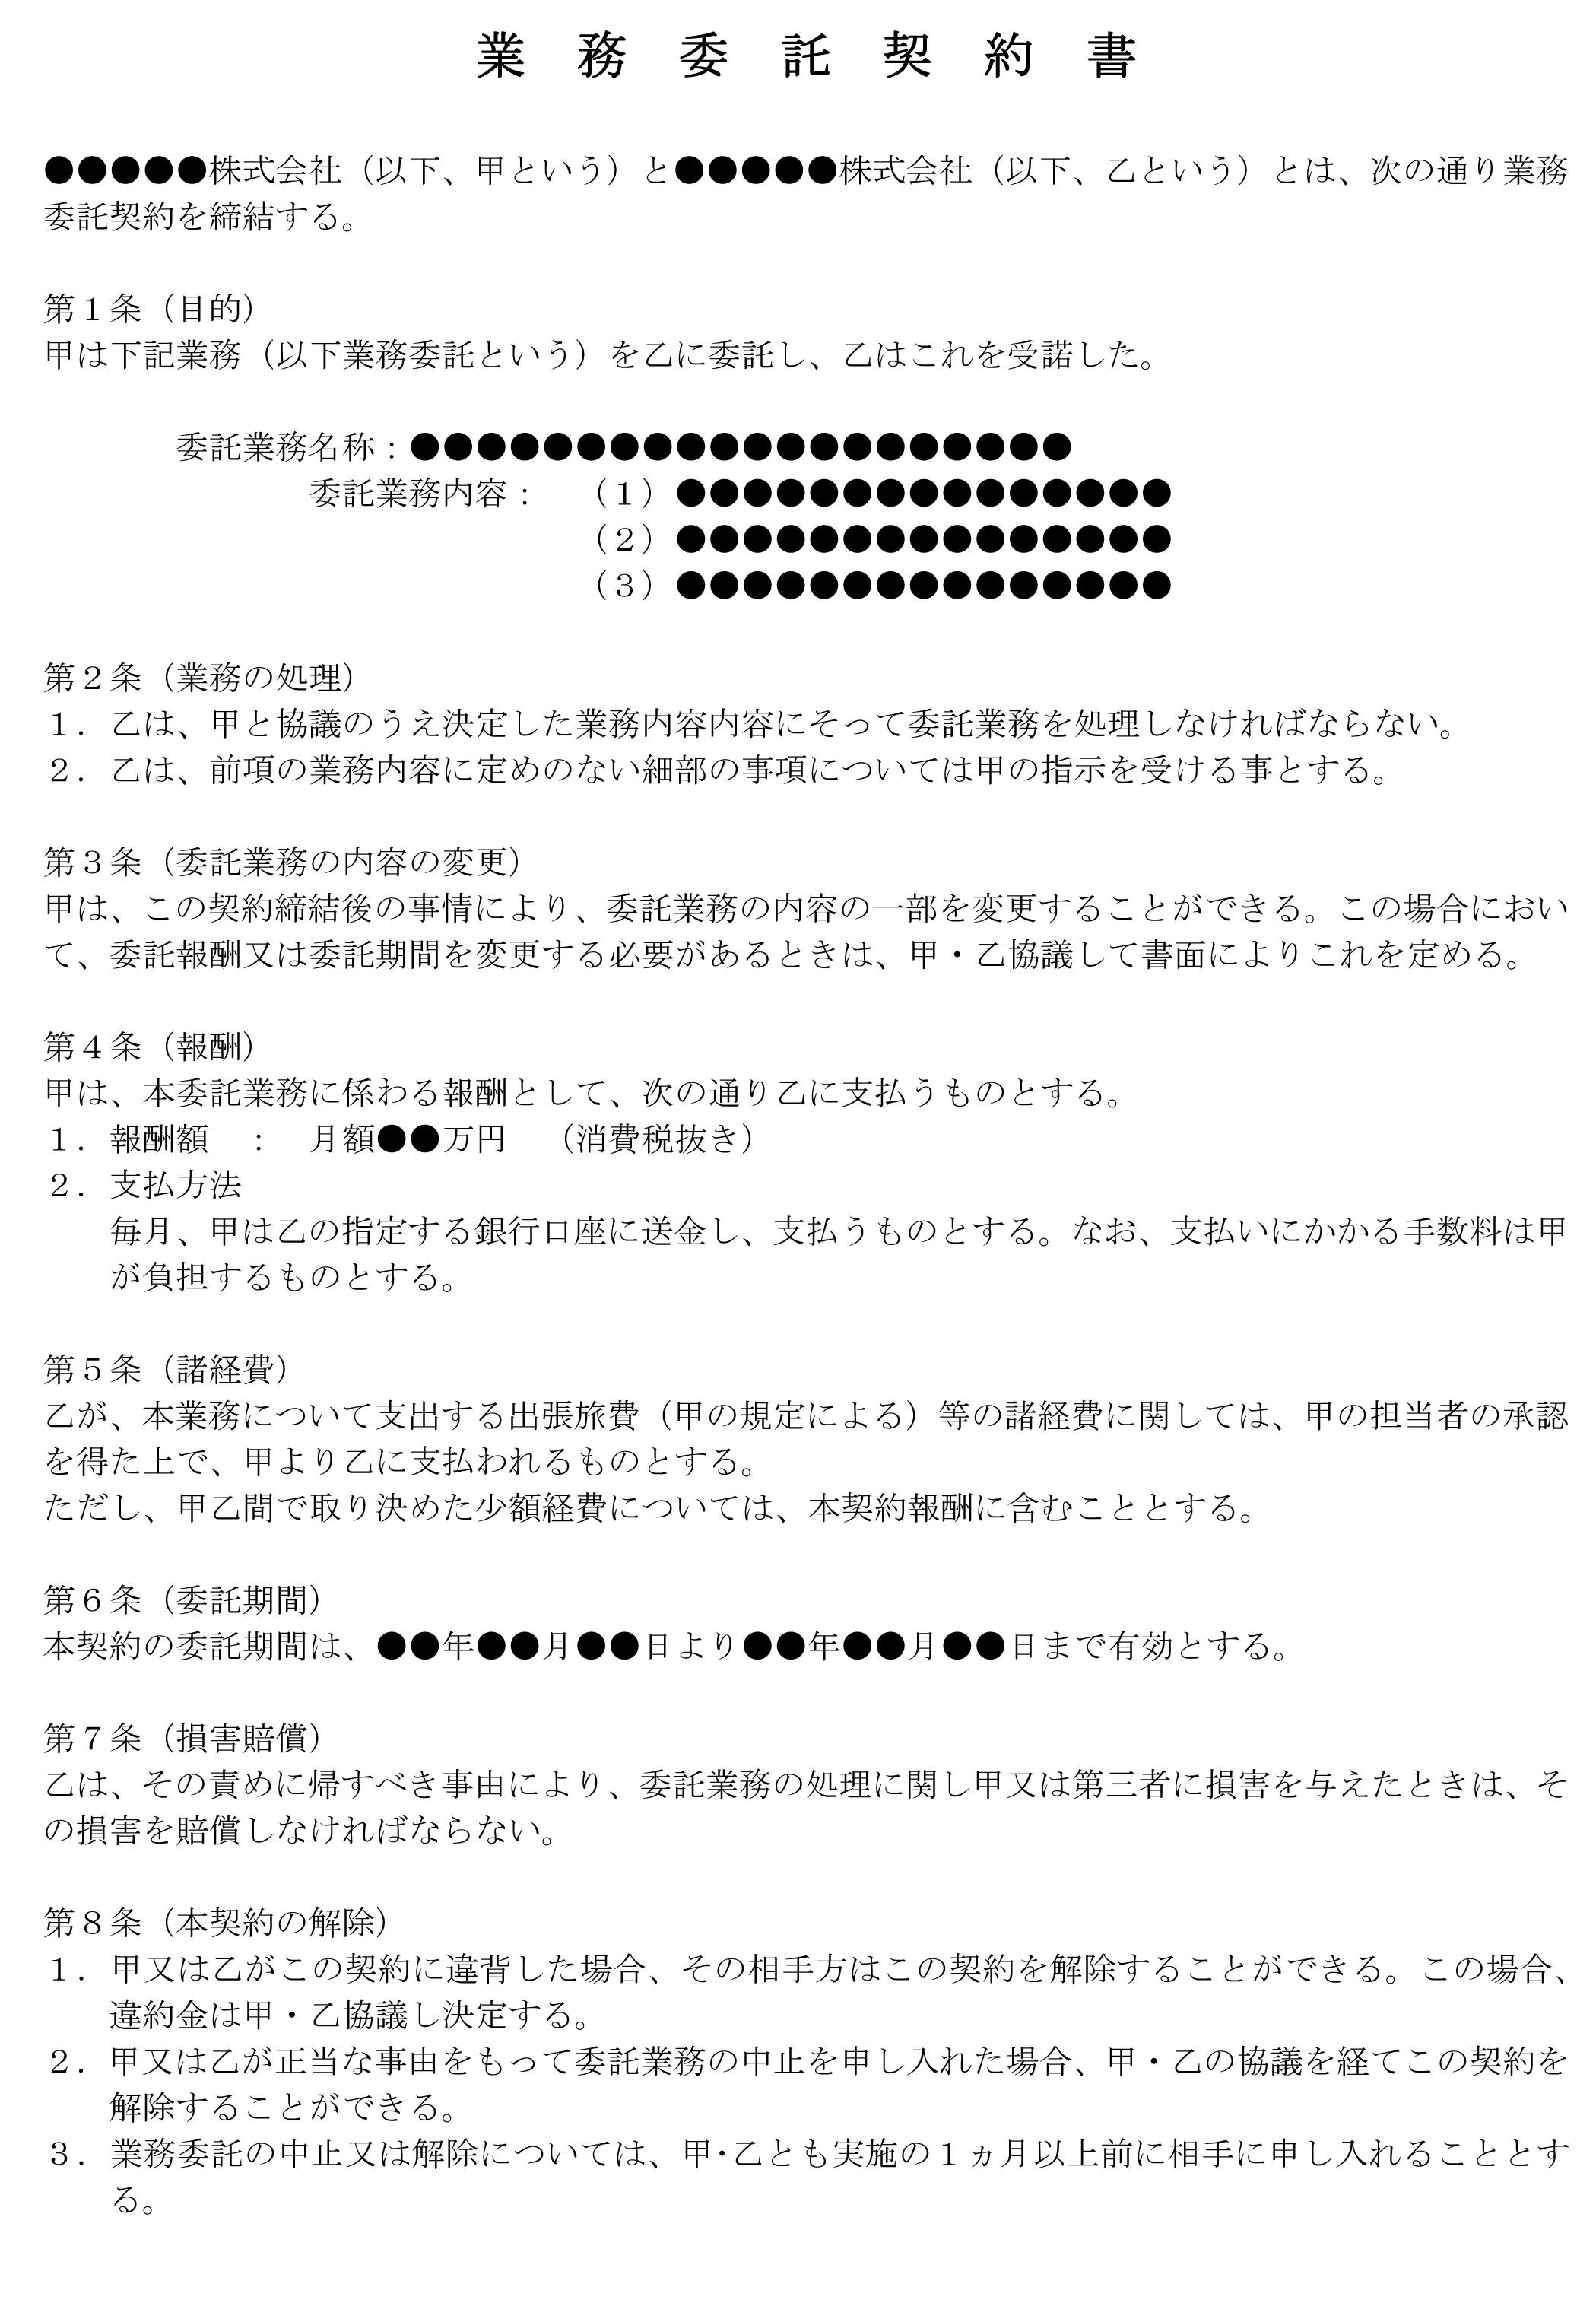 業務委託契約書_3